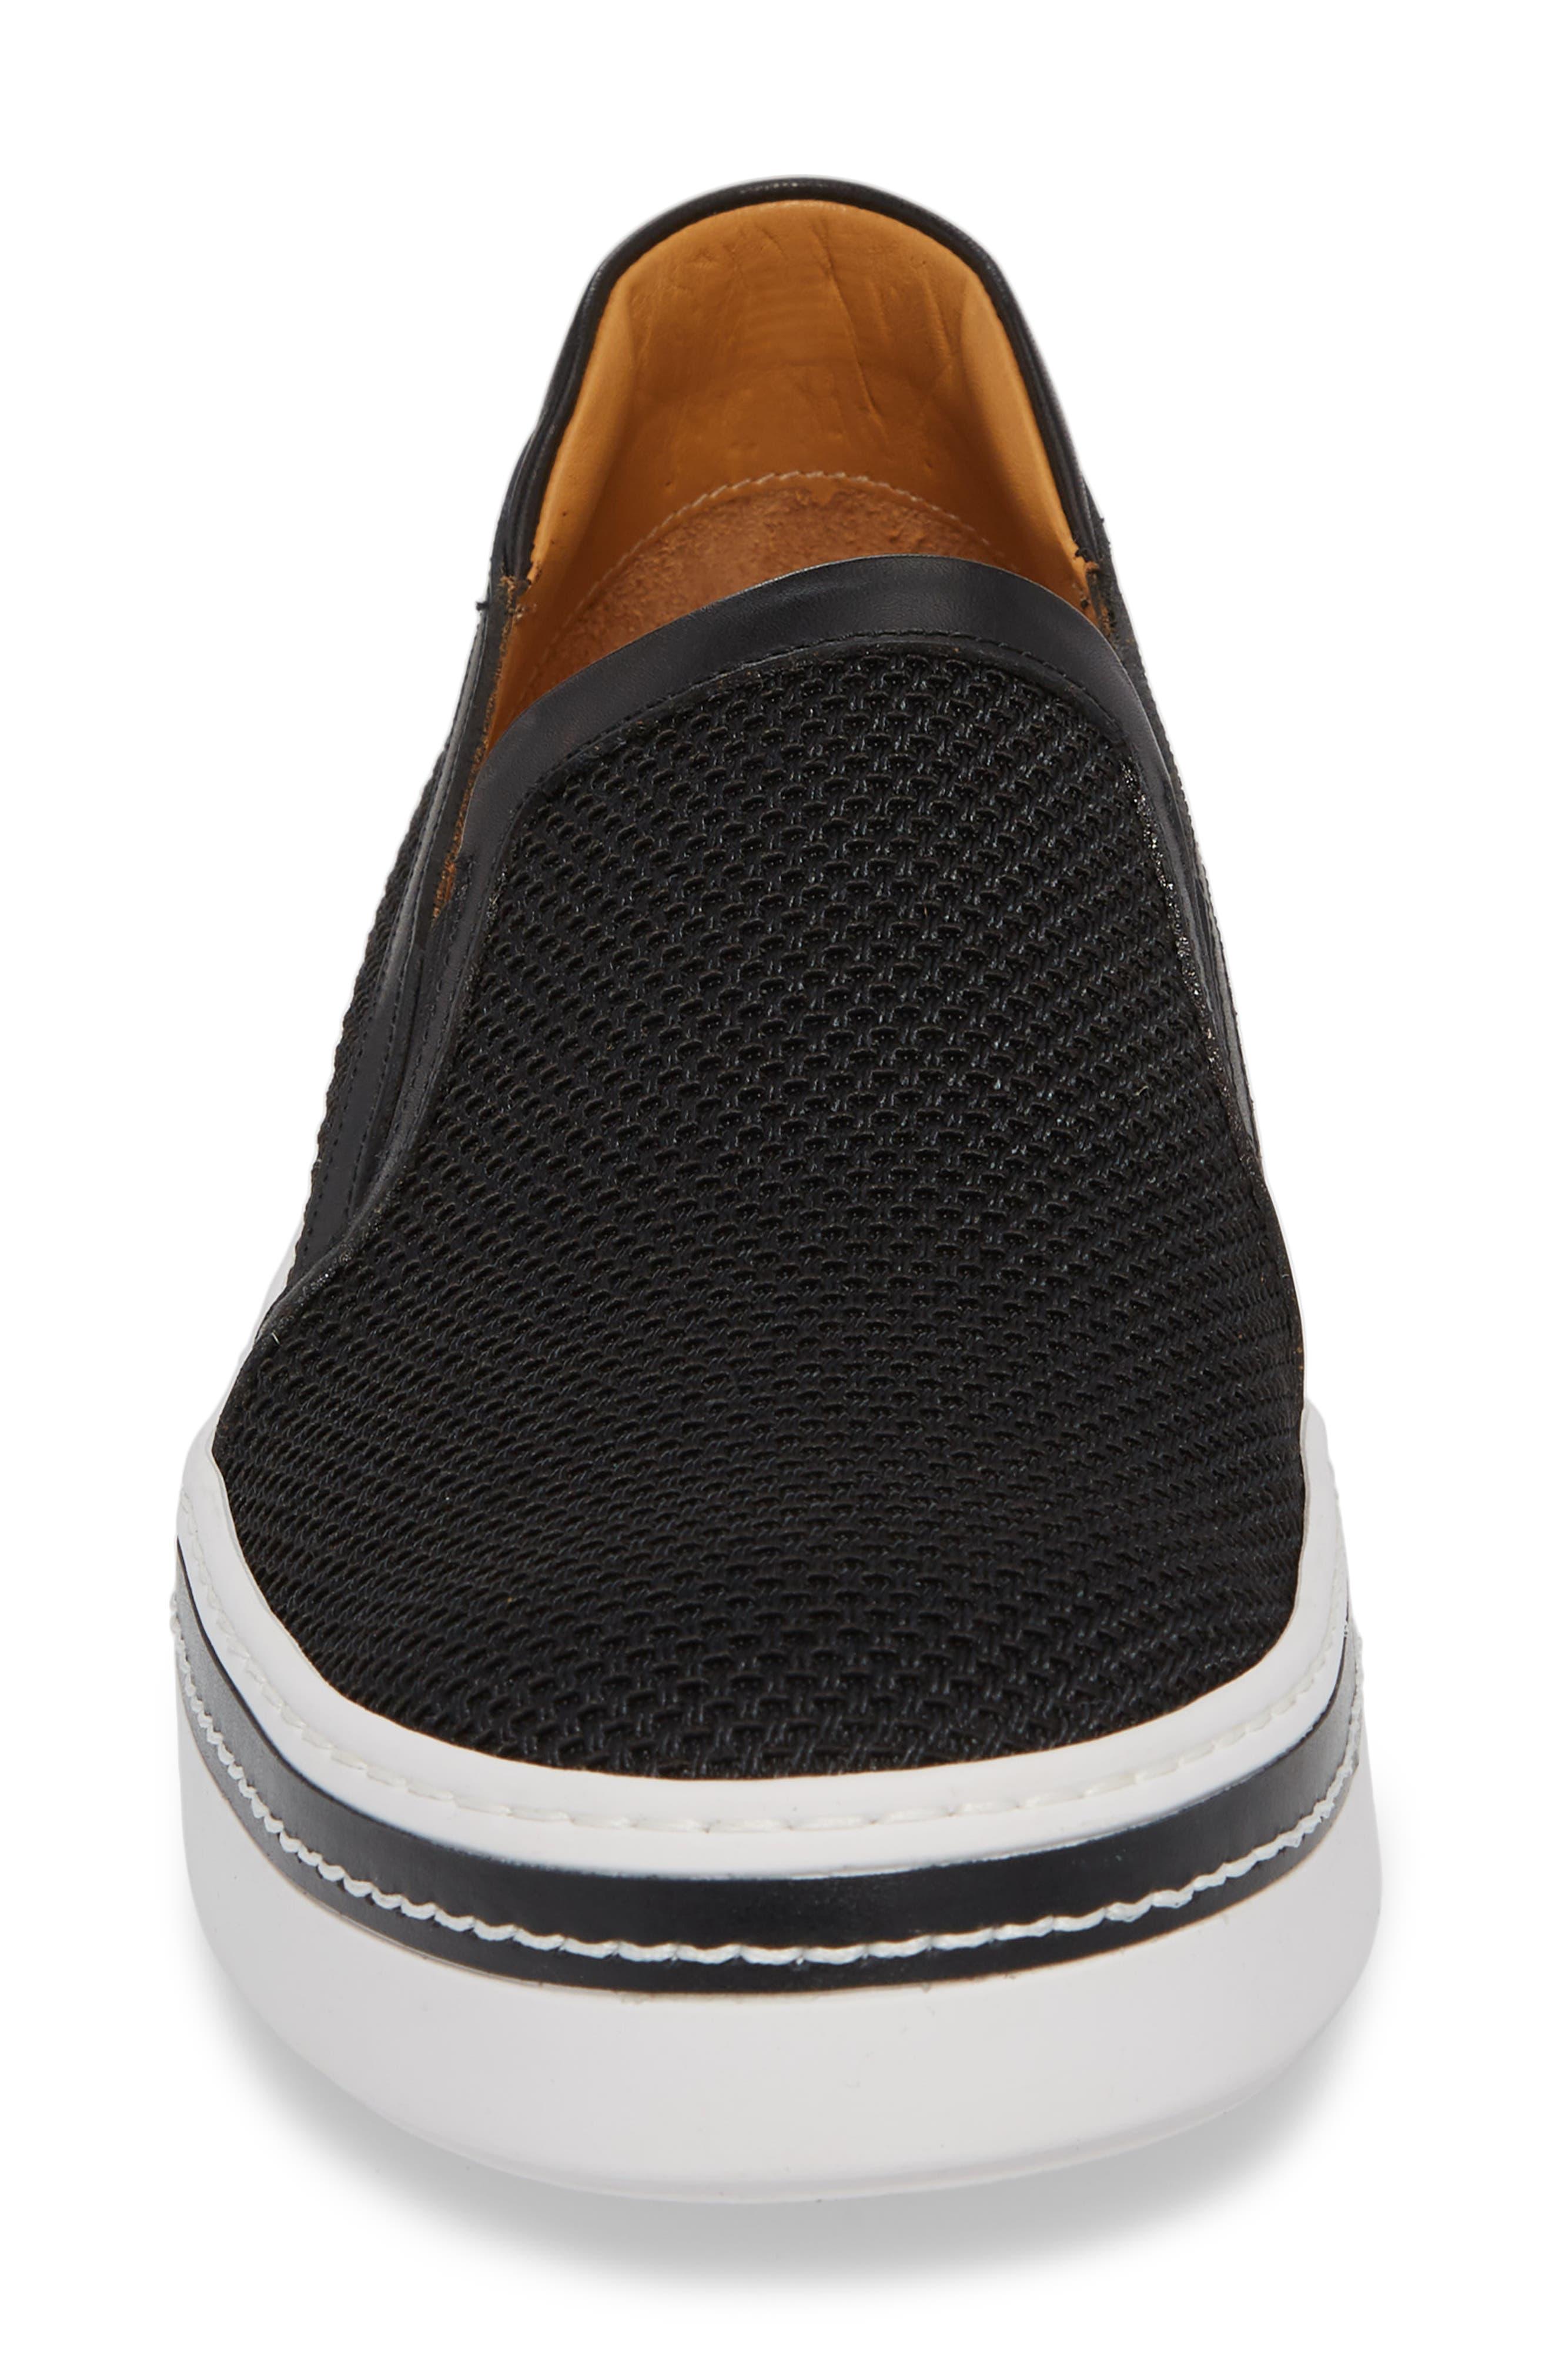 Sal Mesh Slip-On Sneaker,                             Alternate thumbnail 4, color,                             005